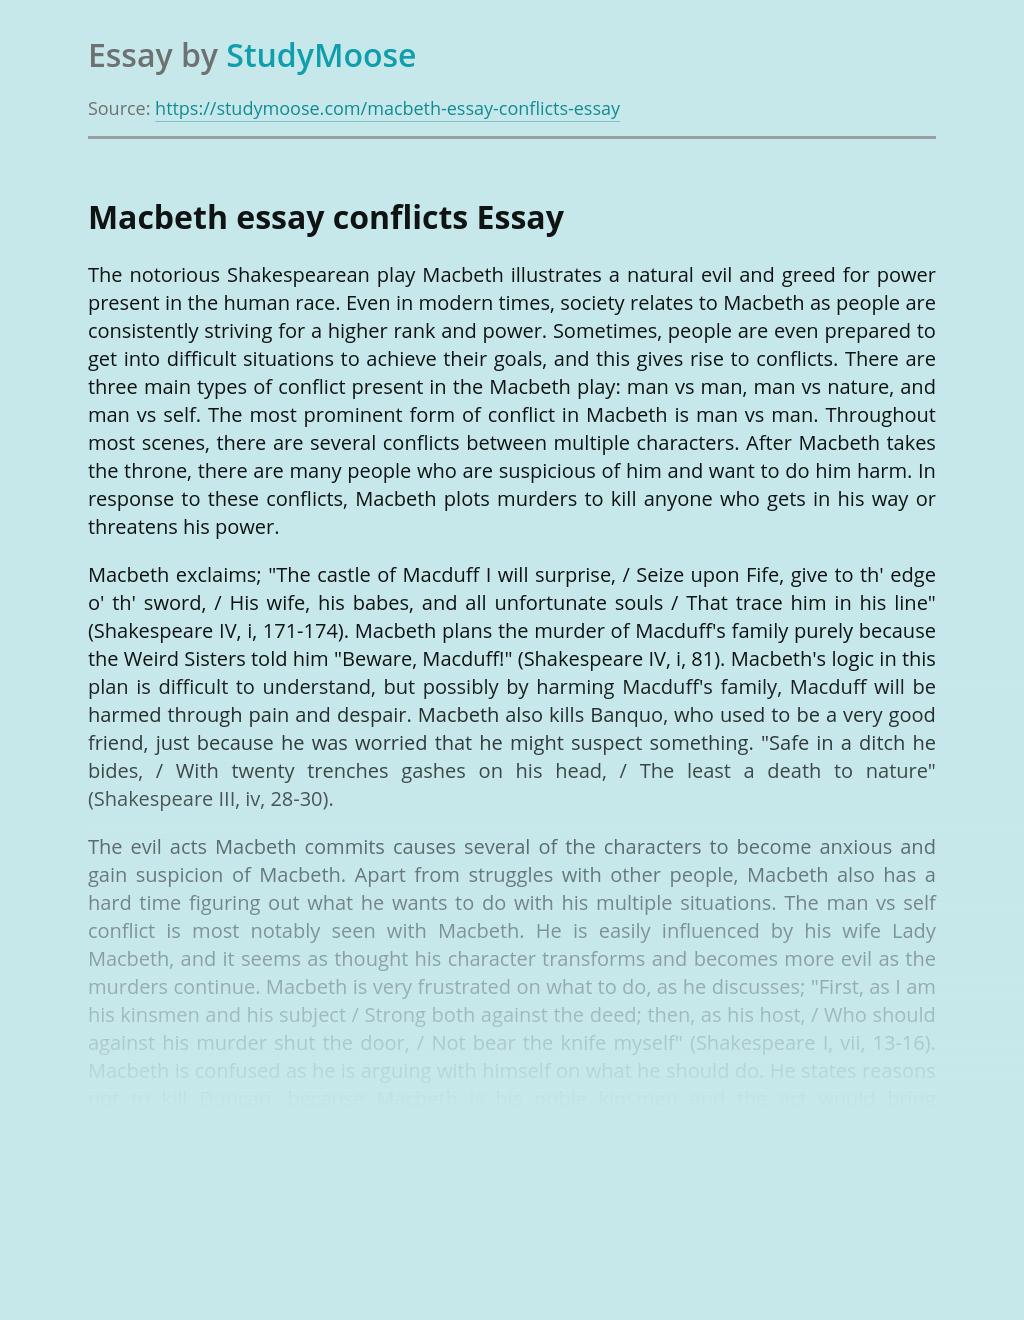 Macbeth essay conflicts